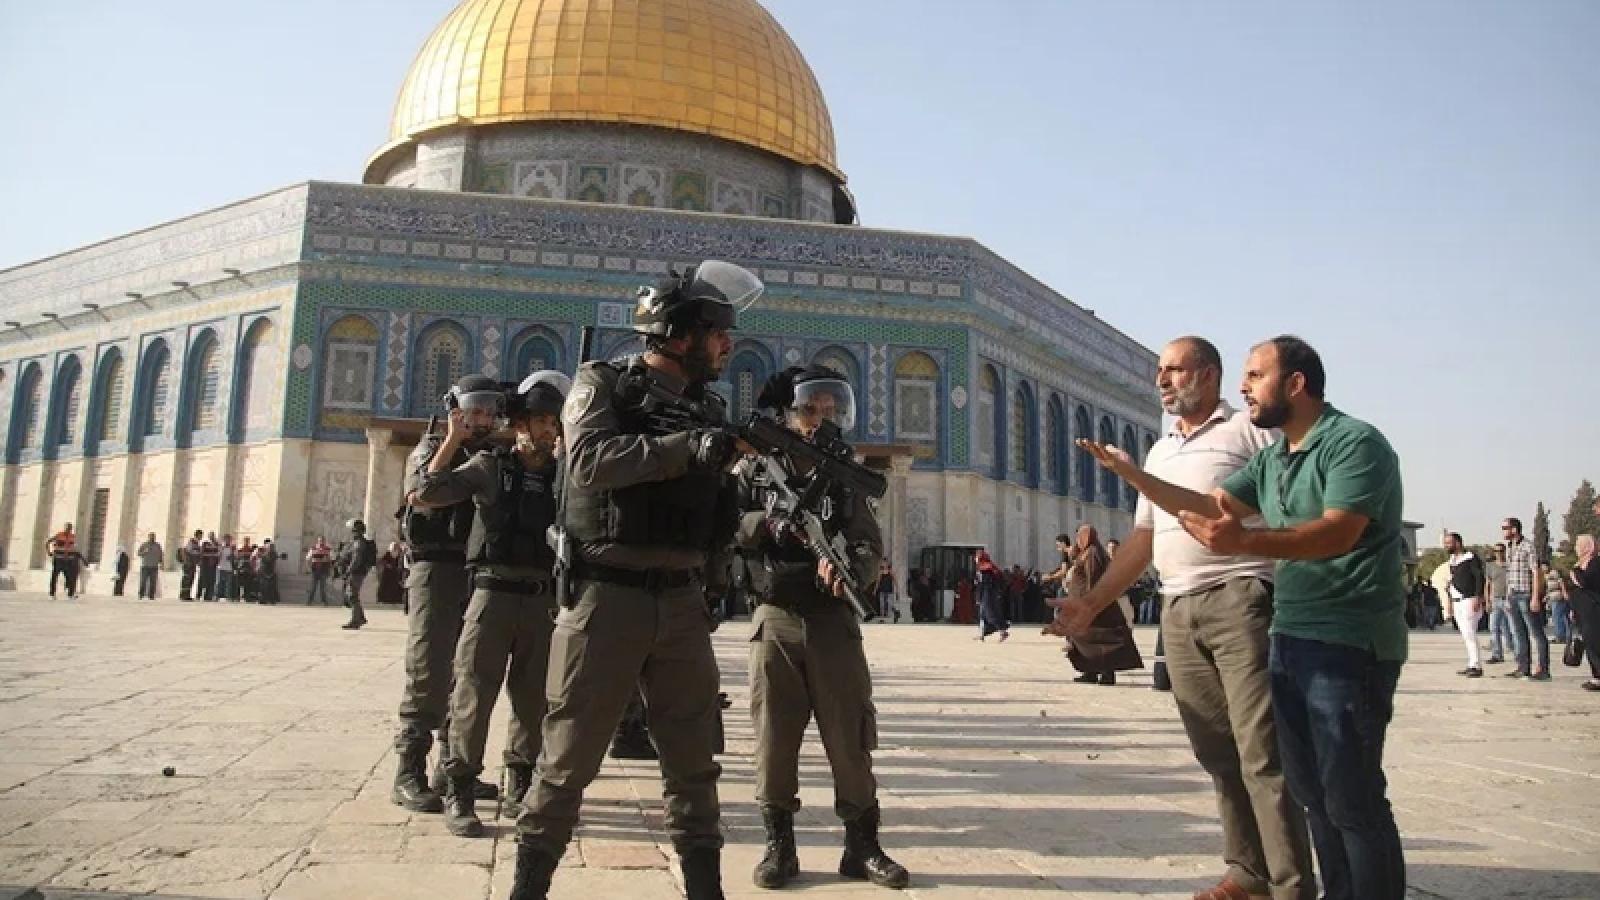 Israel xây đường vành đai nối các khu định cư để nắm trọn Jerusalem?